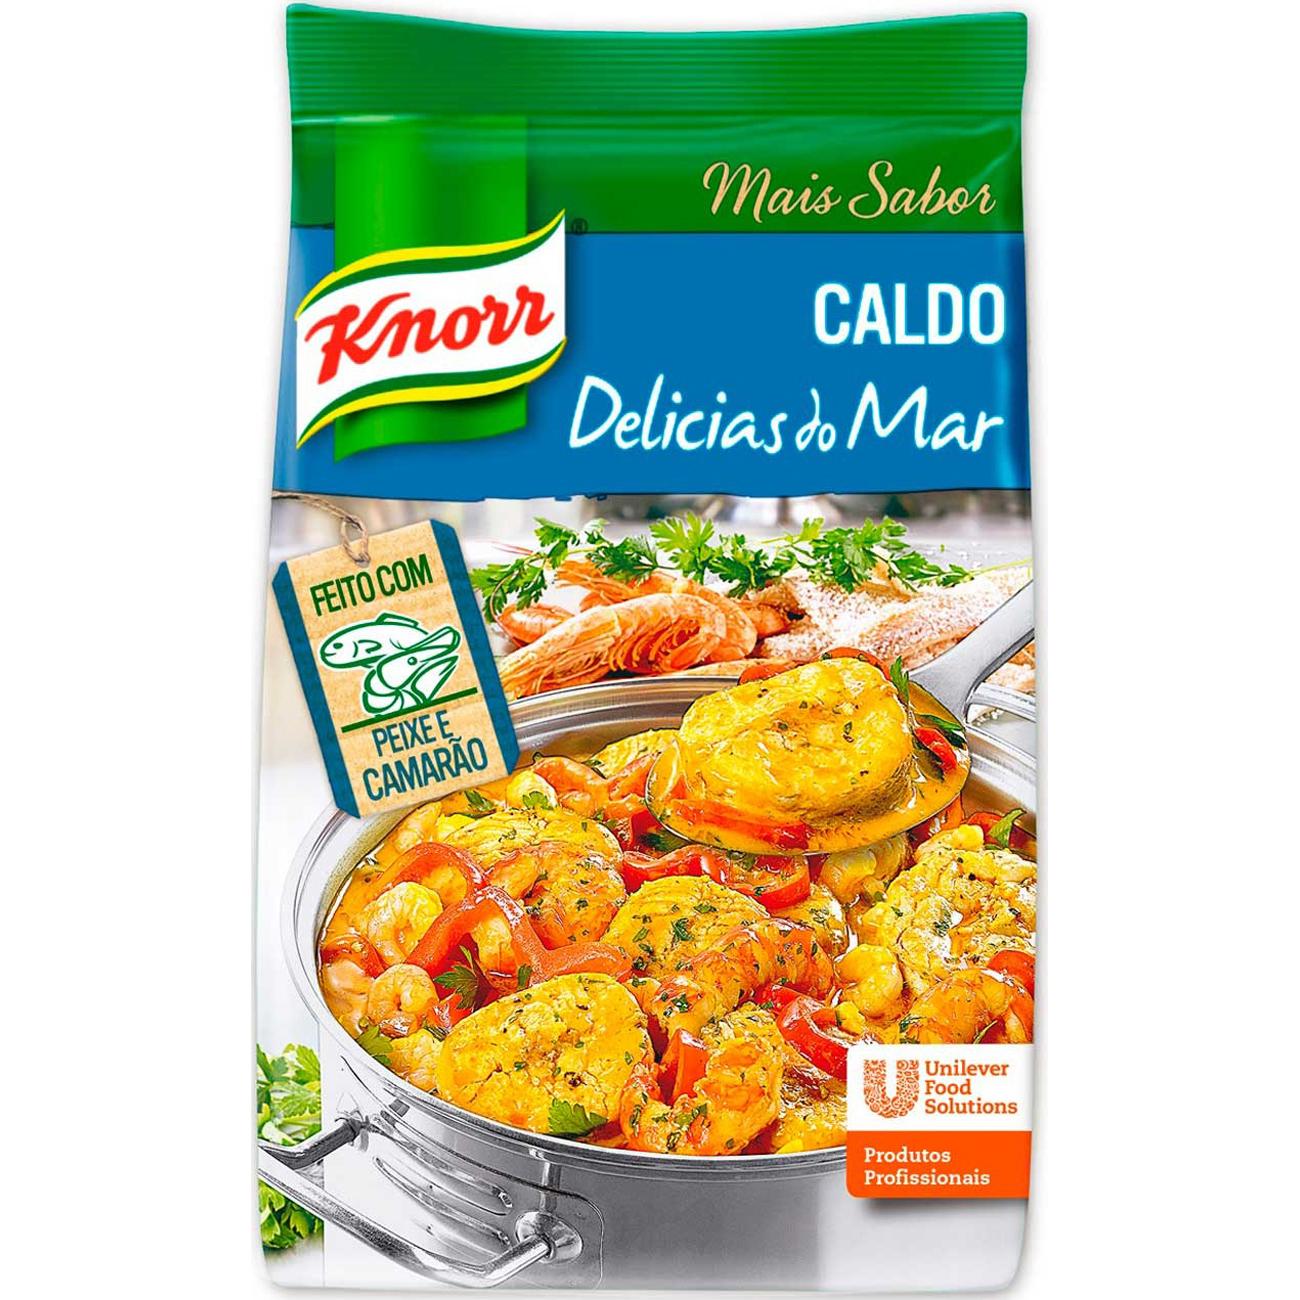 Caldo Knorr 1,01Kg Delicias Do Mar